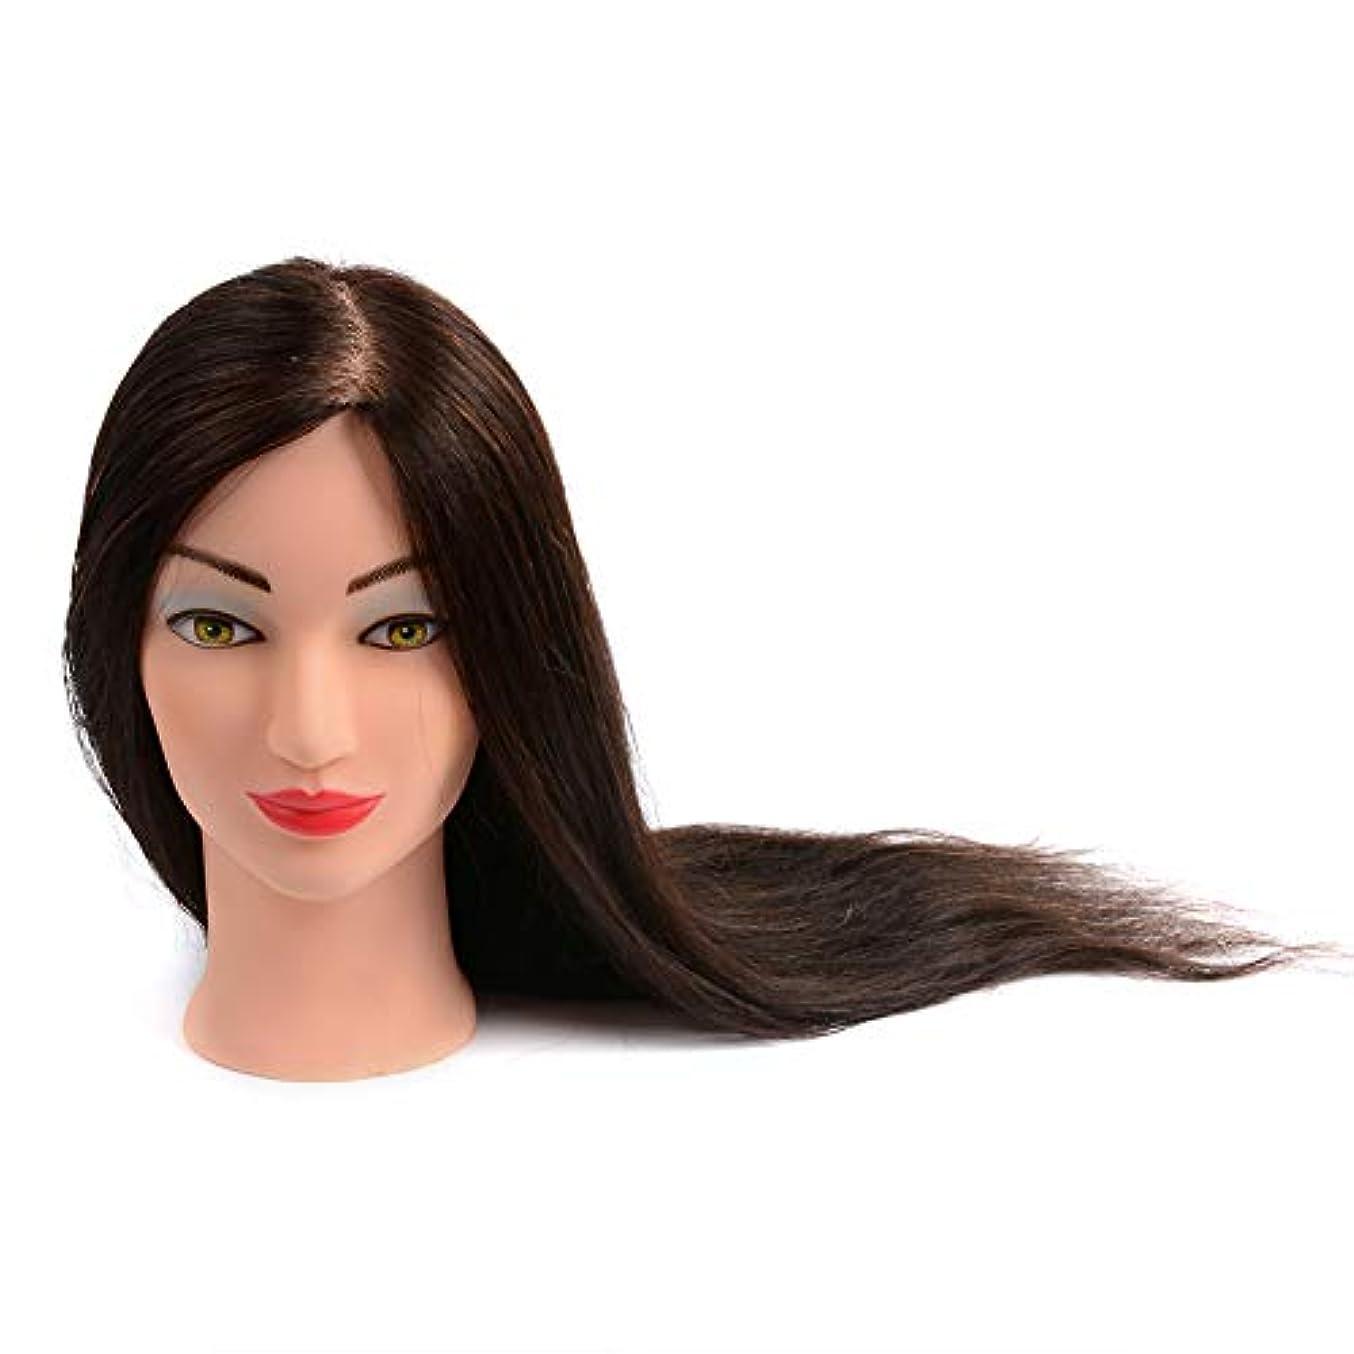 ログしっかり忙しいサロン散髪学習ダミーヘッドブライダルメイクスタイリングプラクティスモデルの髪を染めることができ、漂白ティーチングヘッド